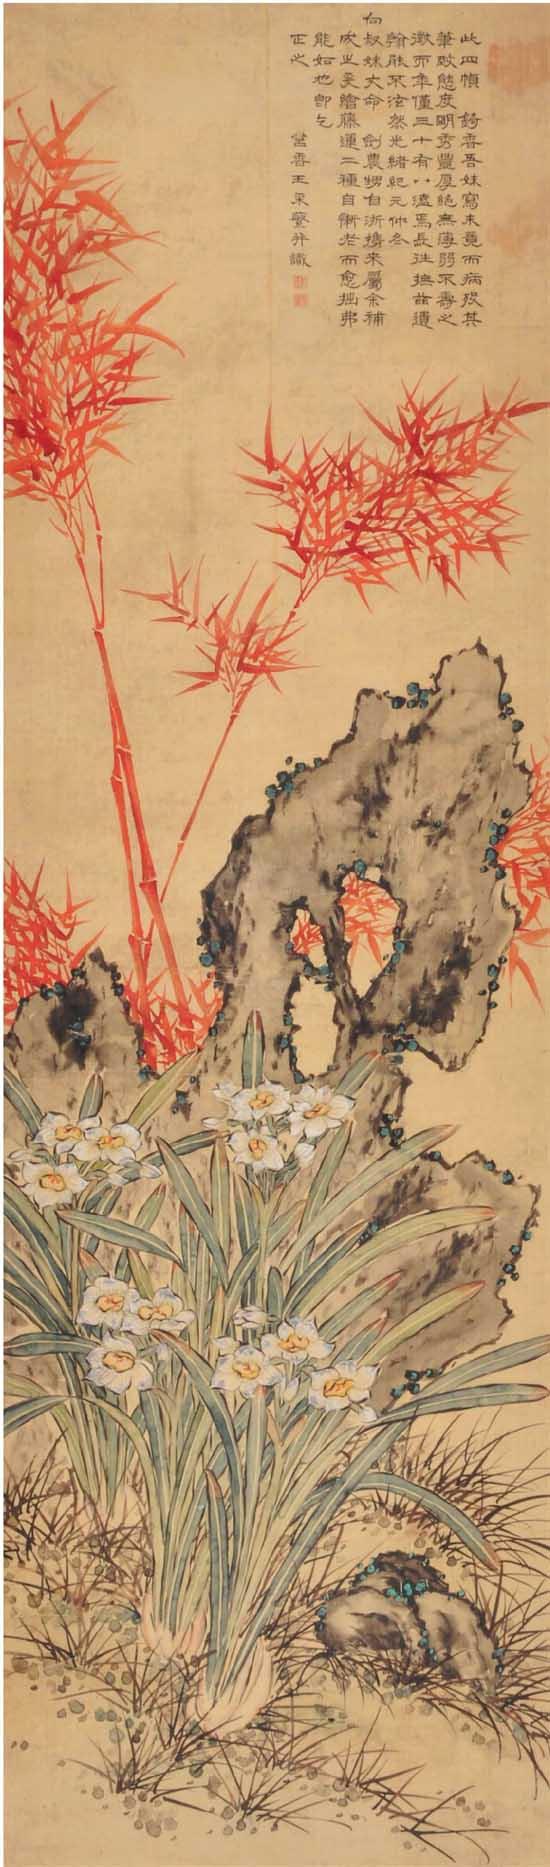 王�香 花卉图 常州博物馆藏